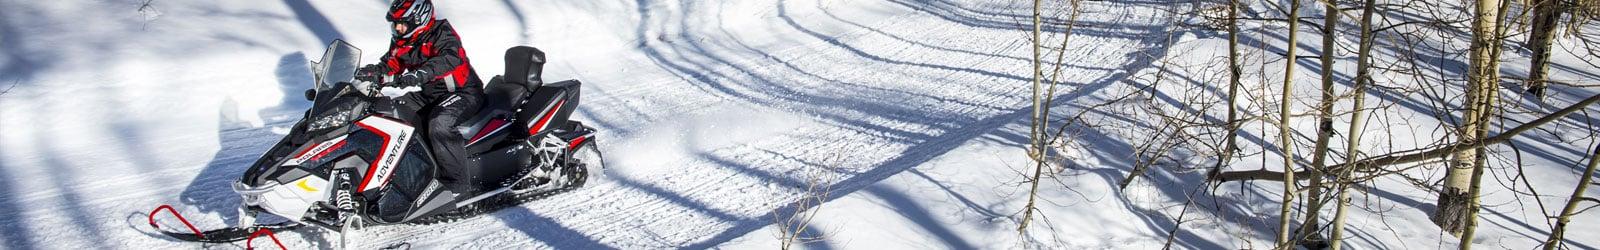 lp-snowmobile-trades.jpg